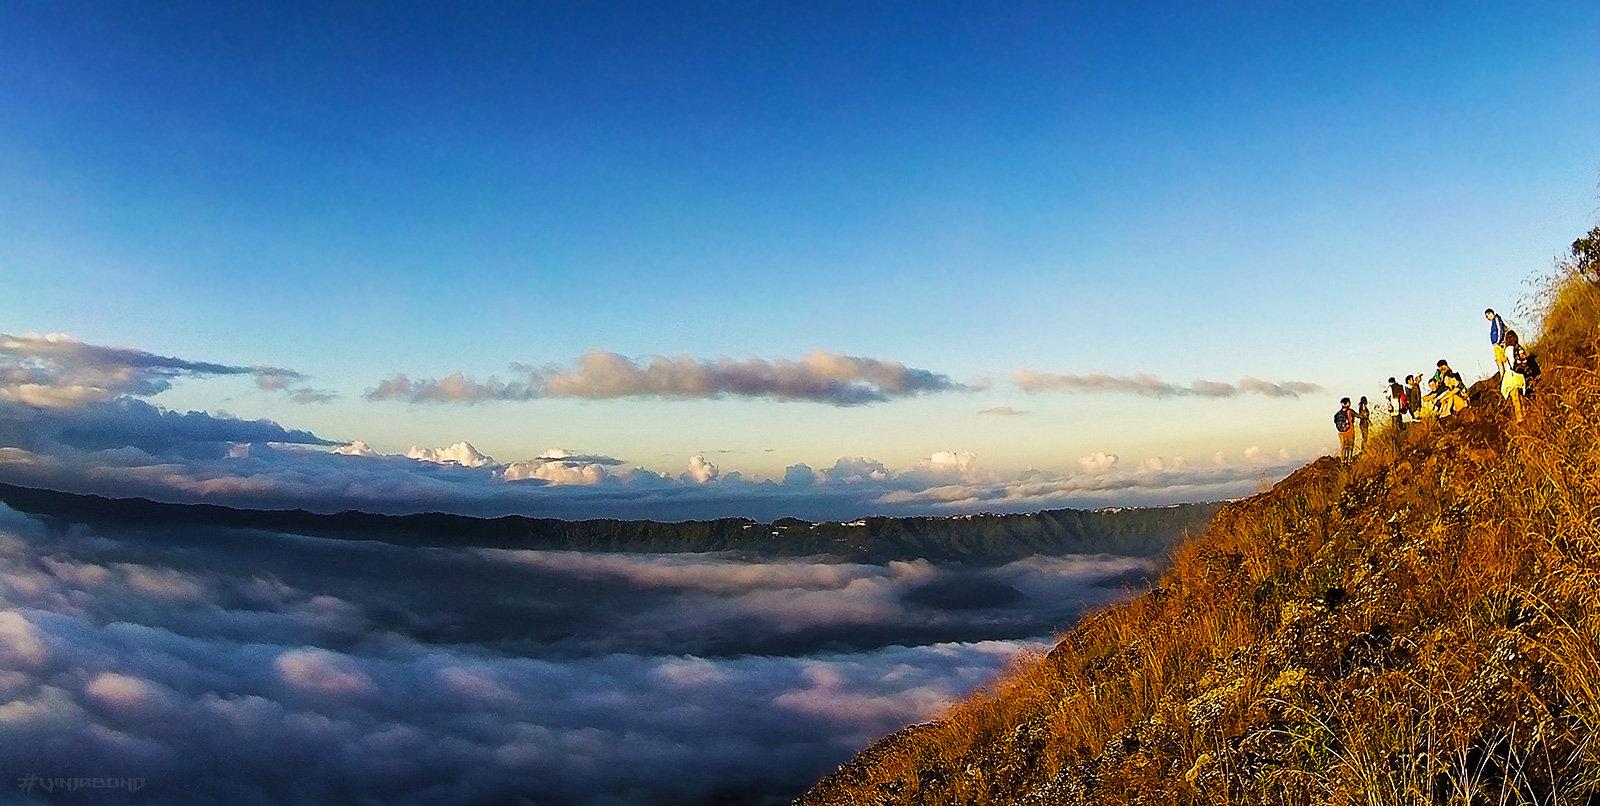 Lake Batur at sunrise /// Vinjabond